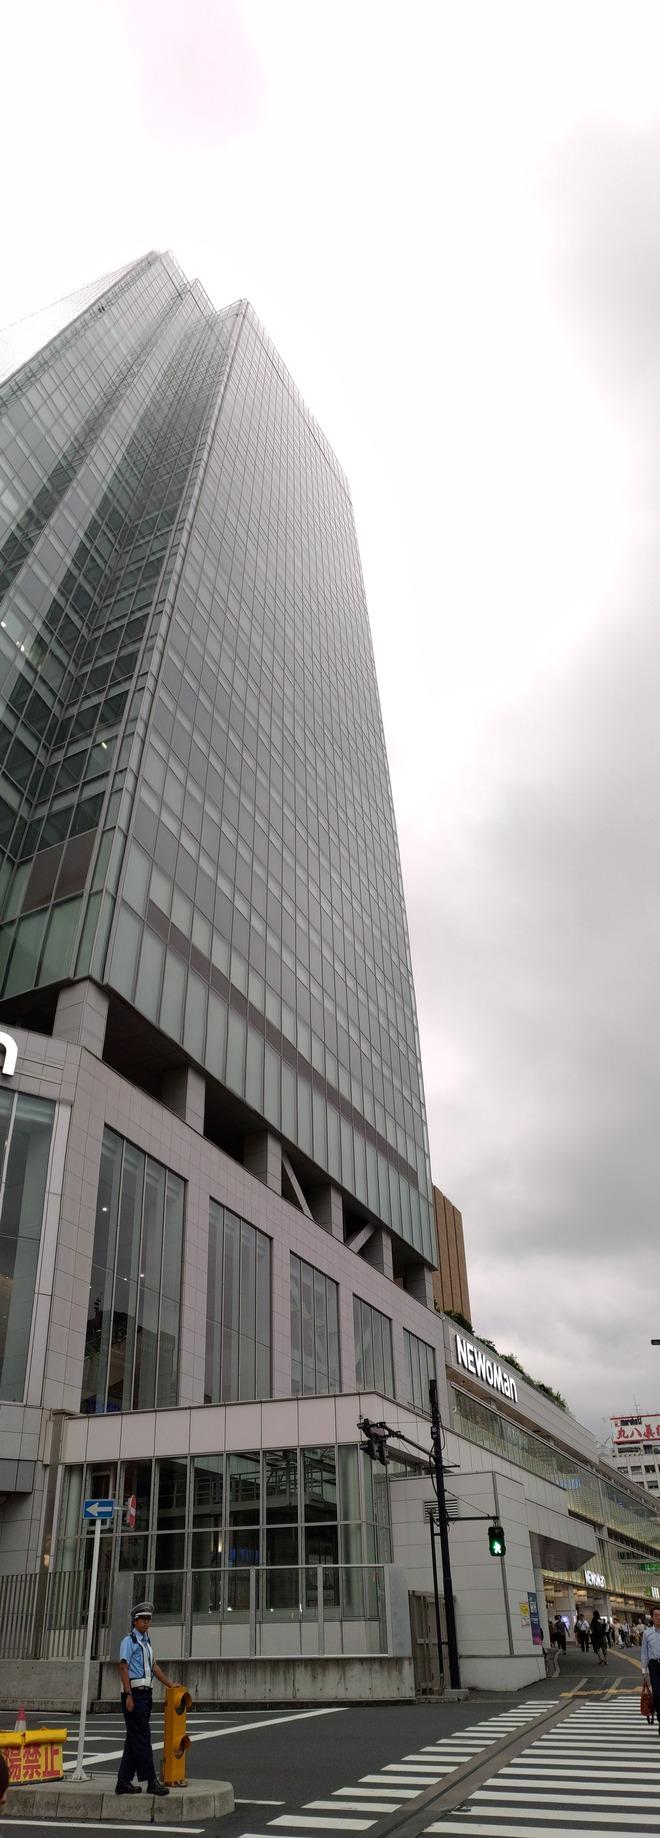 07【ZenFone 6】背の高い建物の上下のパノラマ撮影